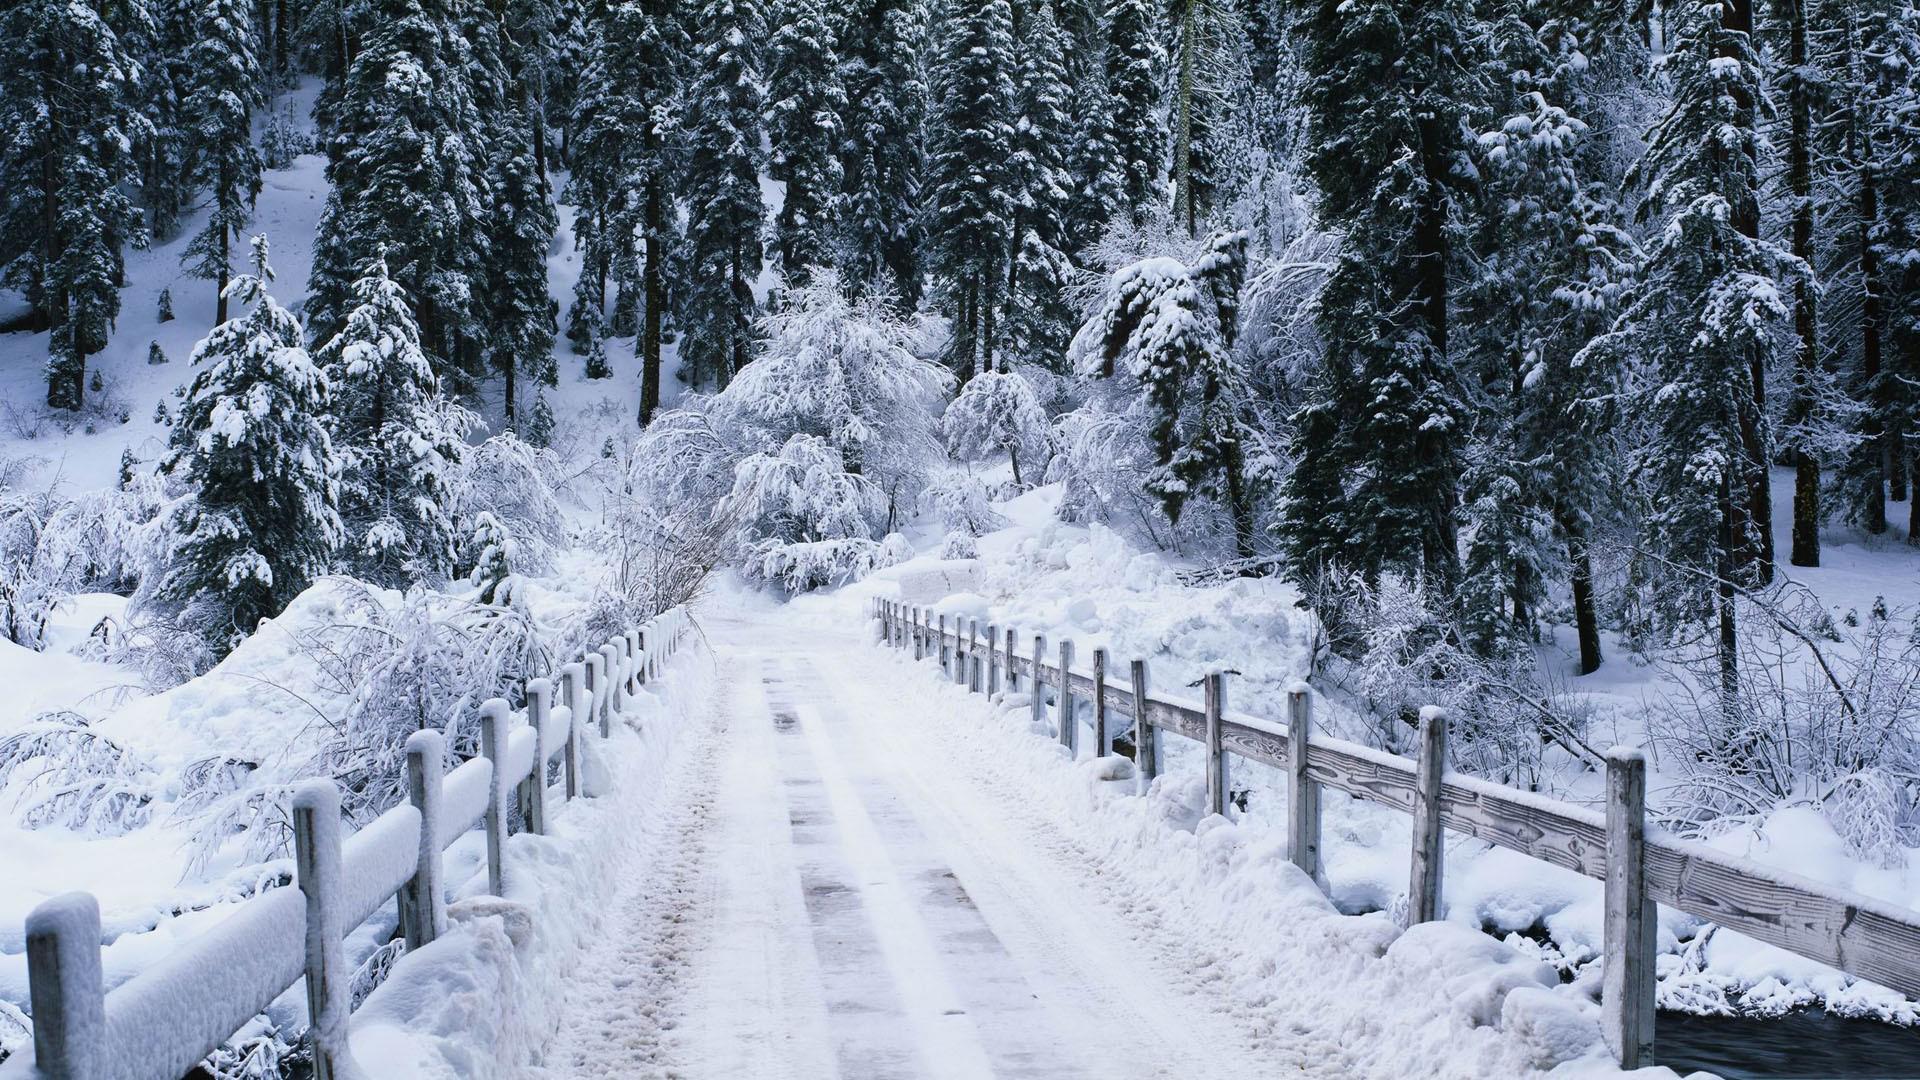 تصاویر زیبا از طبیعت دل انگیز